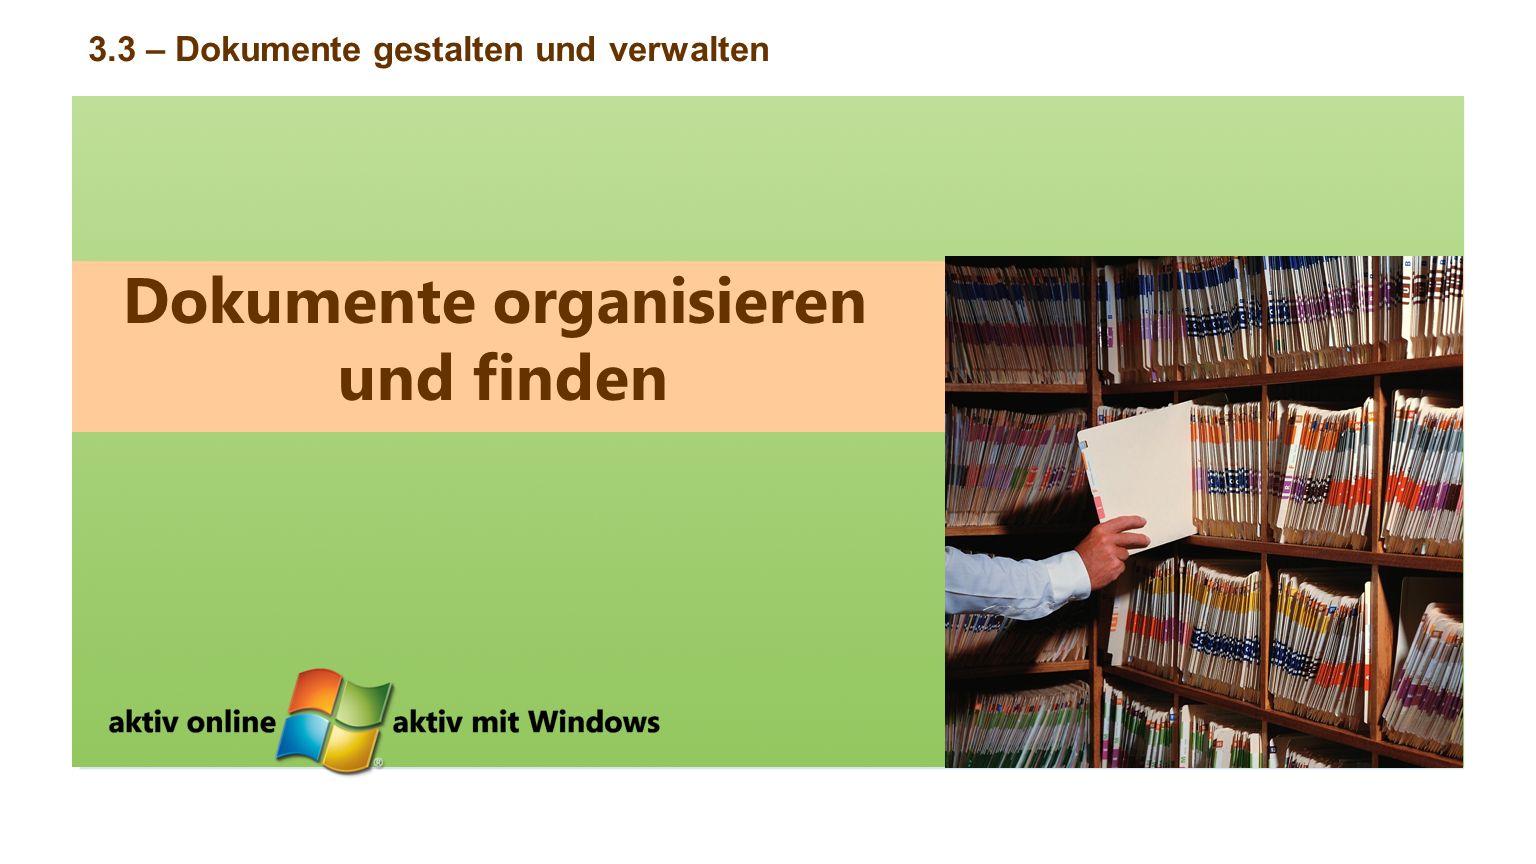 Dokumente organisieren und finden